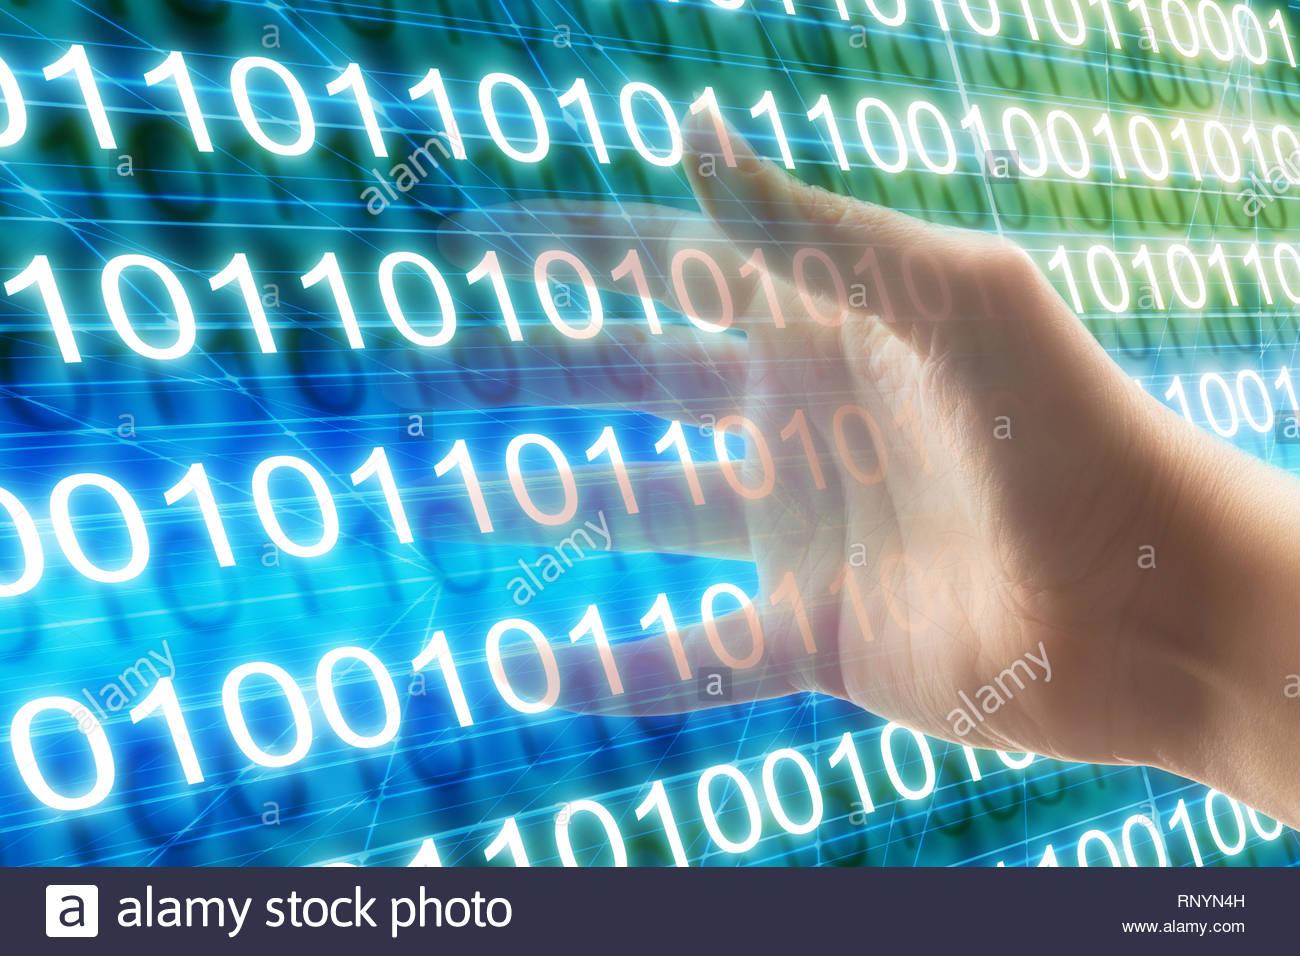 Attrapant la main de code, la cybercriminalité et le code du concept révolutionnaire Photo Stock